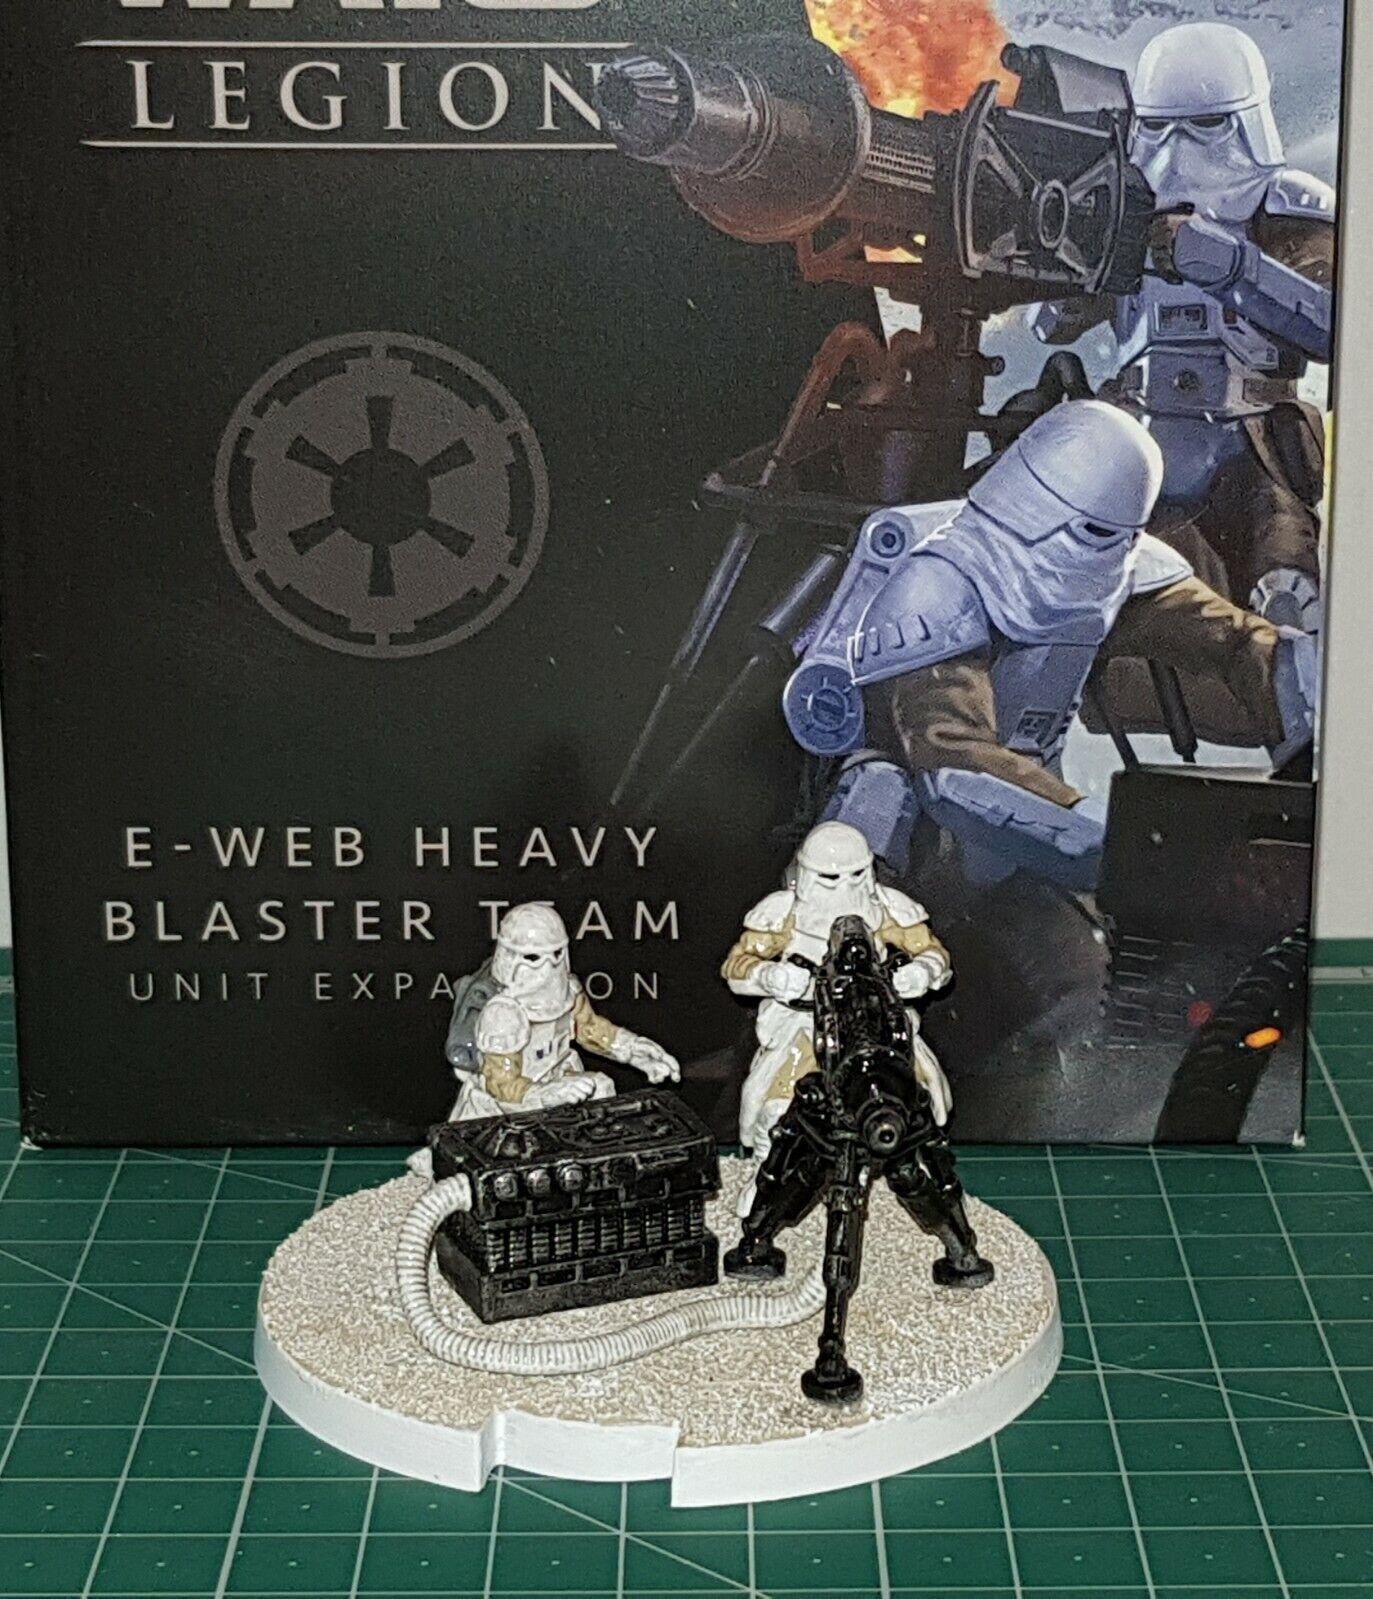 Star wars legion Heavy blaster team, supplied painted